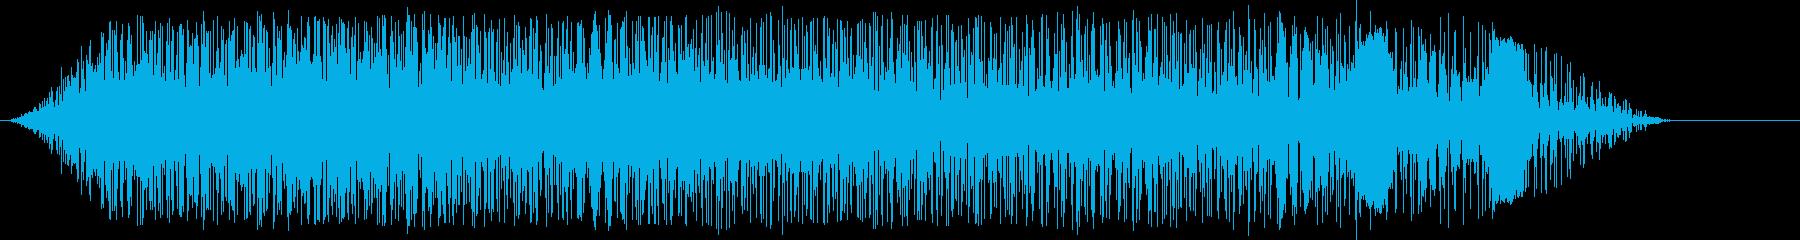 サンフェルミン拍手およびその他の再生済みの波形